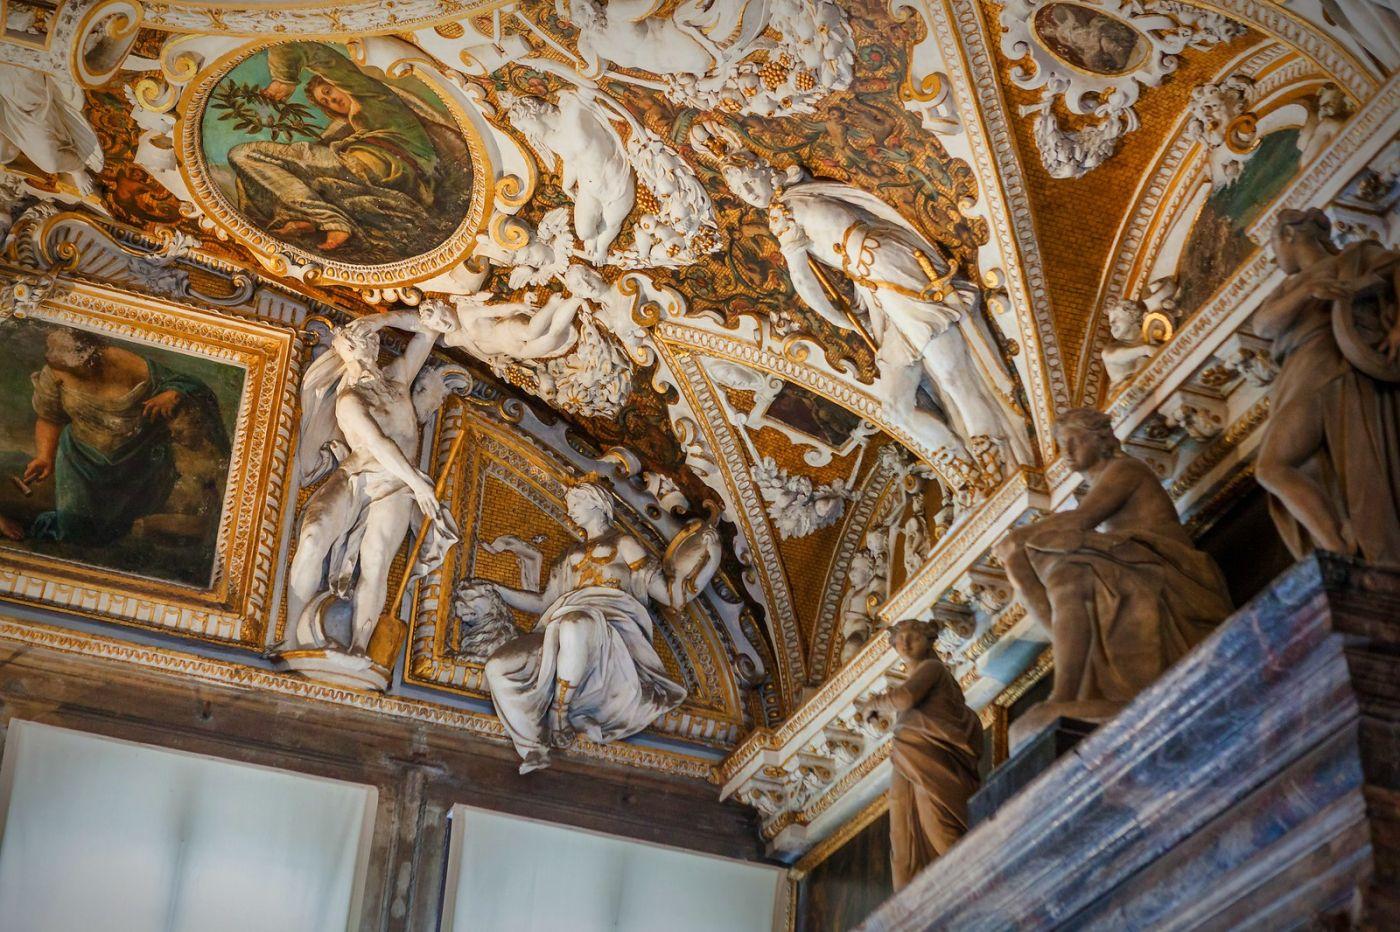 威尼斯圣马可大教堂(St Mark's Basilica), 精雕细琢的顶设_图1-21